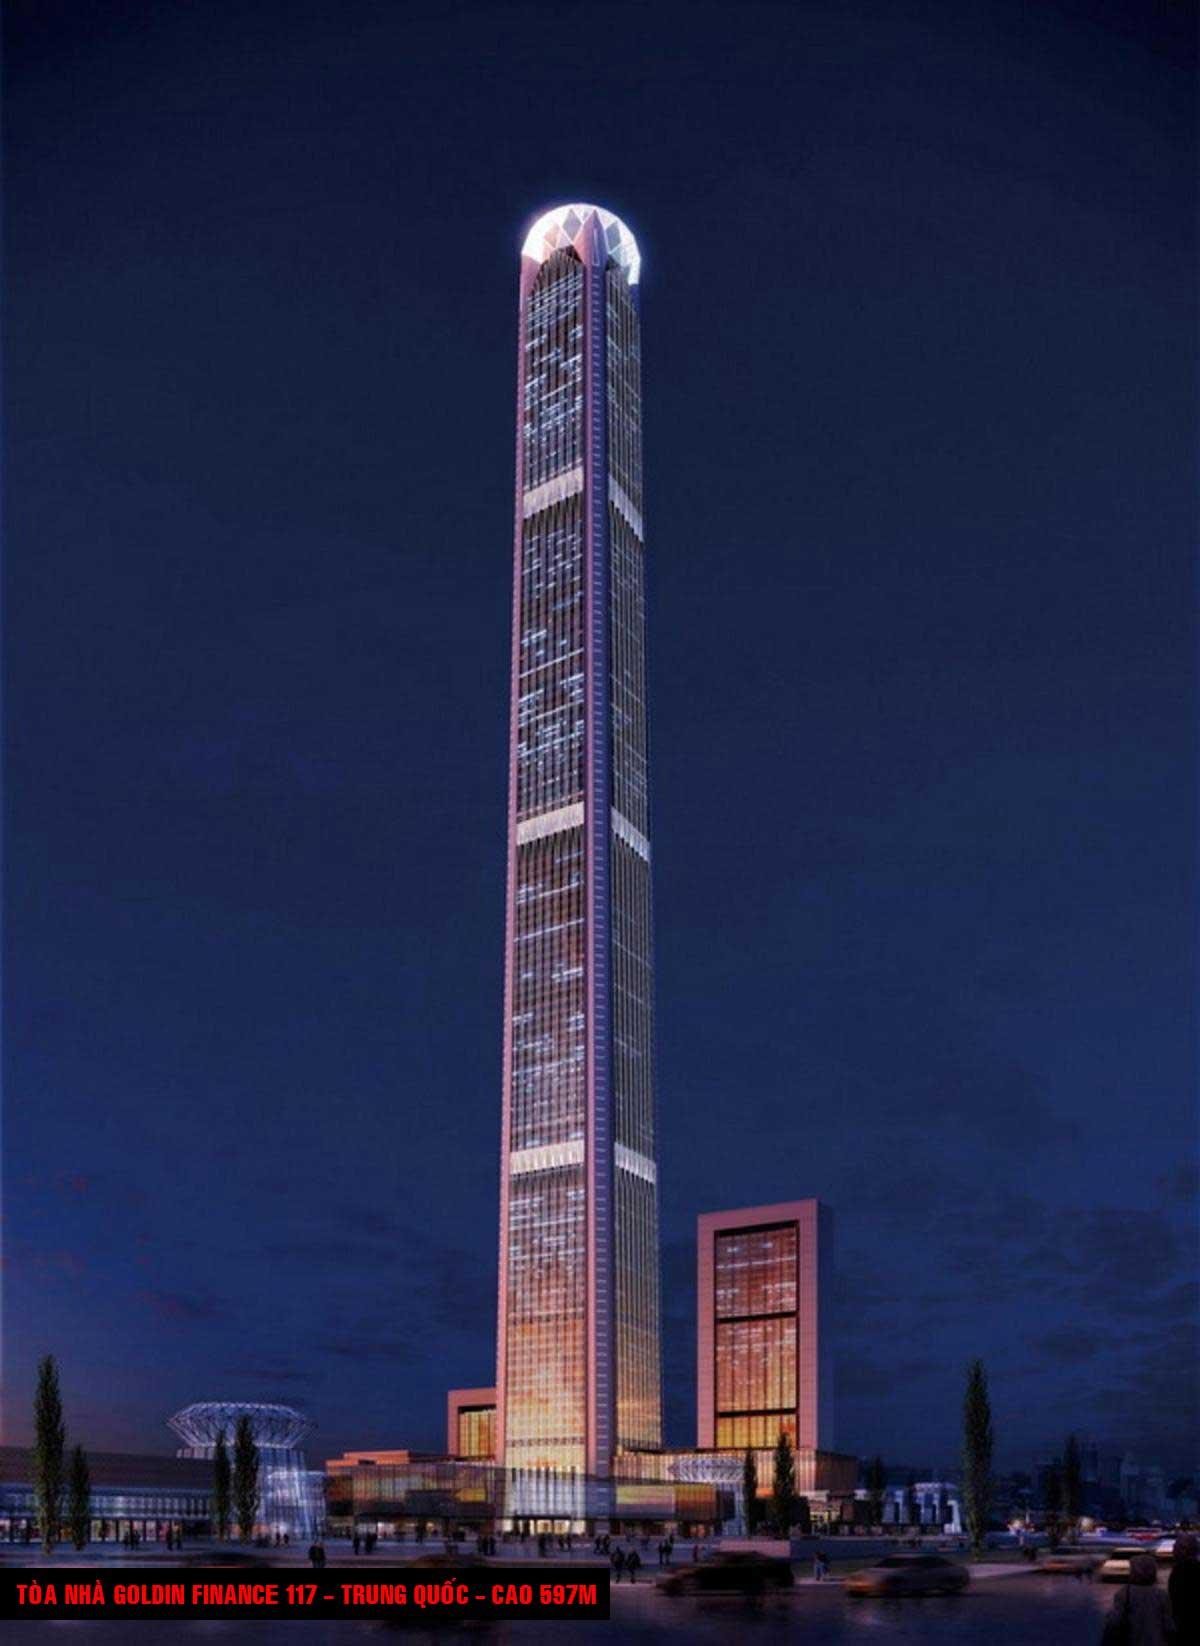 Tòa nhà Goldin Finance 117 Trung Quốc Cao 597m - TOP 16 TÒA NHÀ CAO NHẤT THẾ GIỚI CẬP NHẬT MỚI NHẤT NĂM 2021